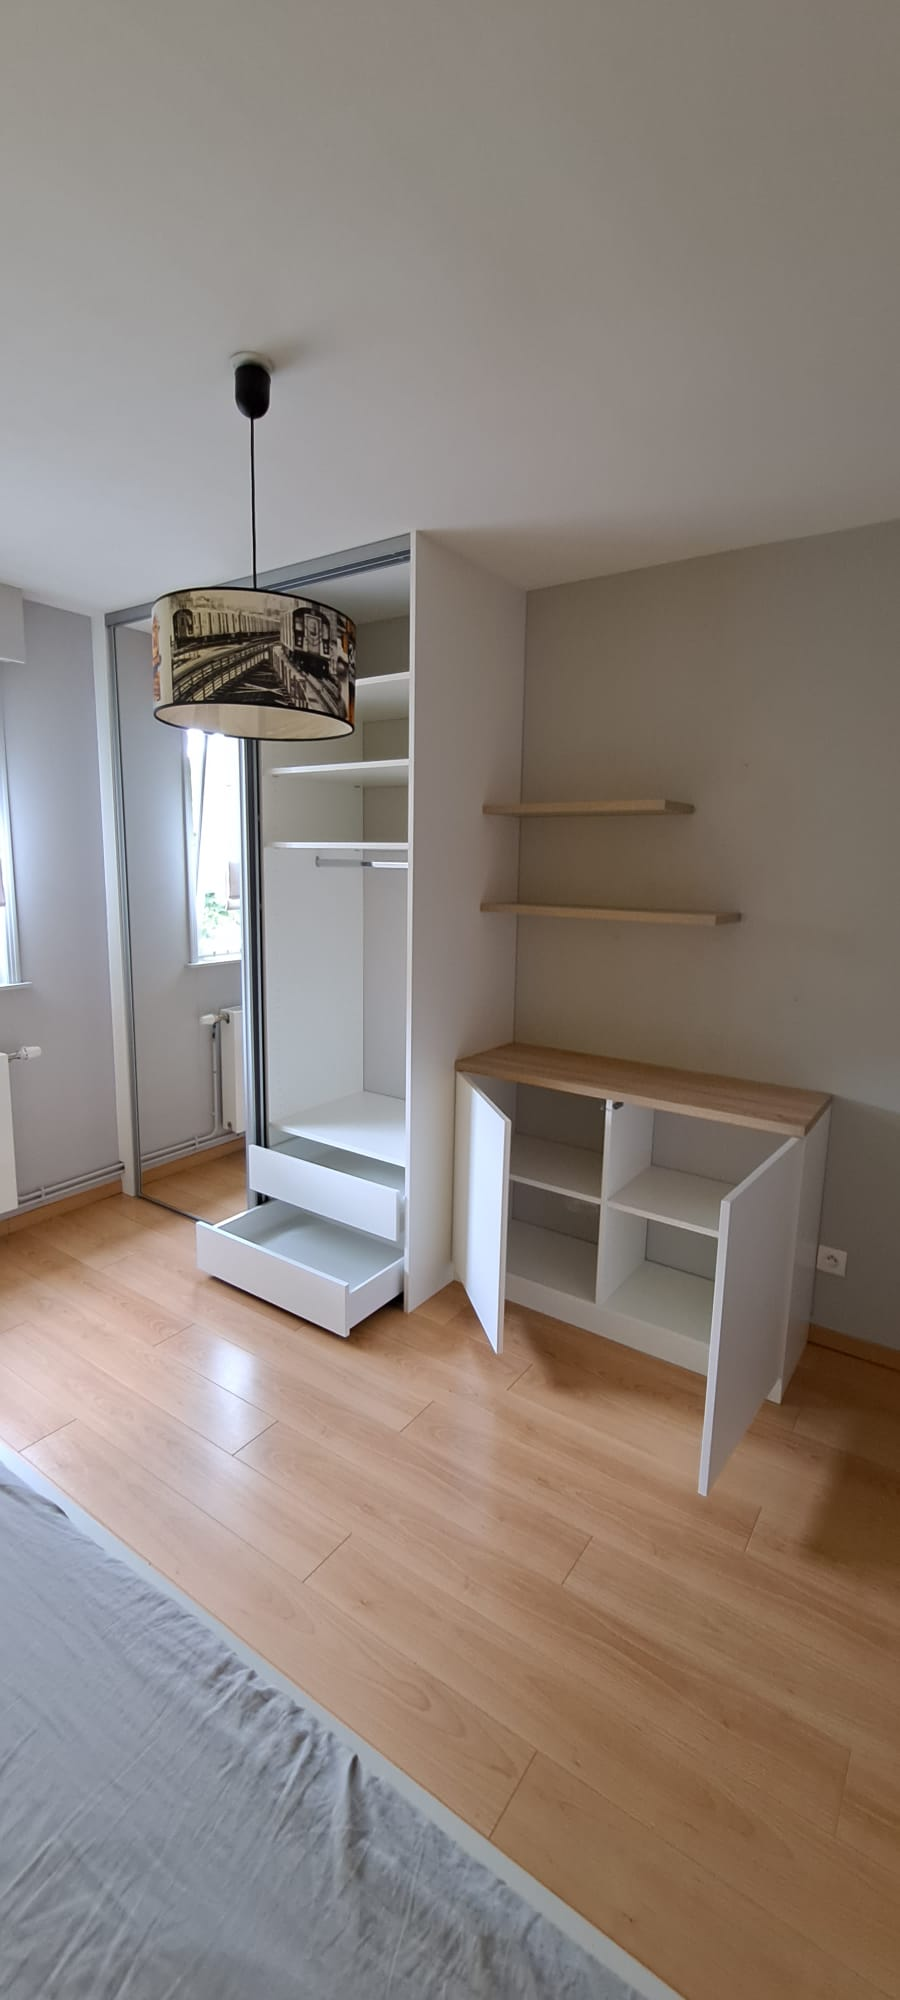 sur cette image on voit le dressing avec les portes et tiroirs ouverts